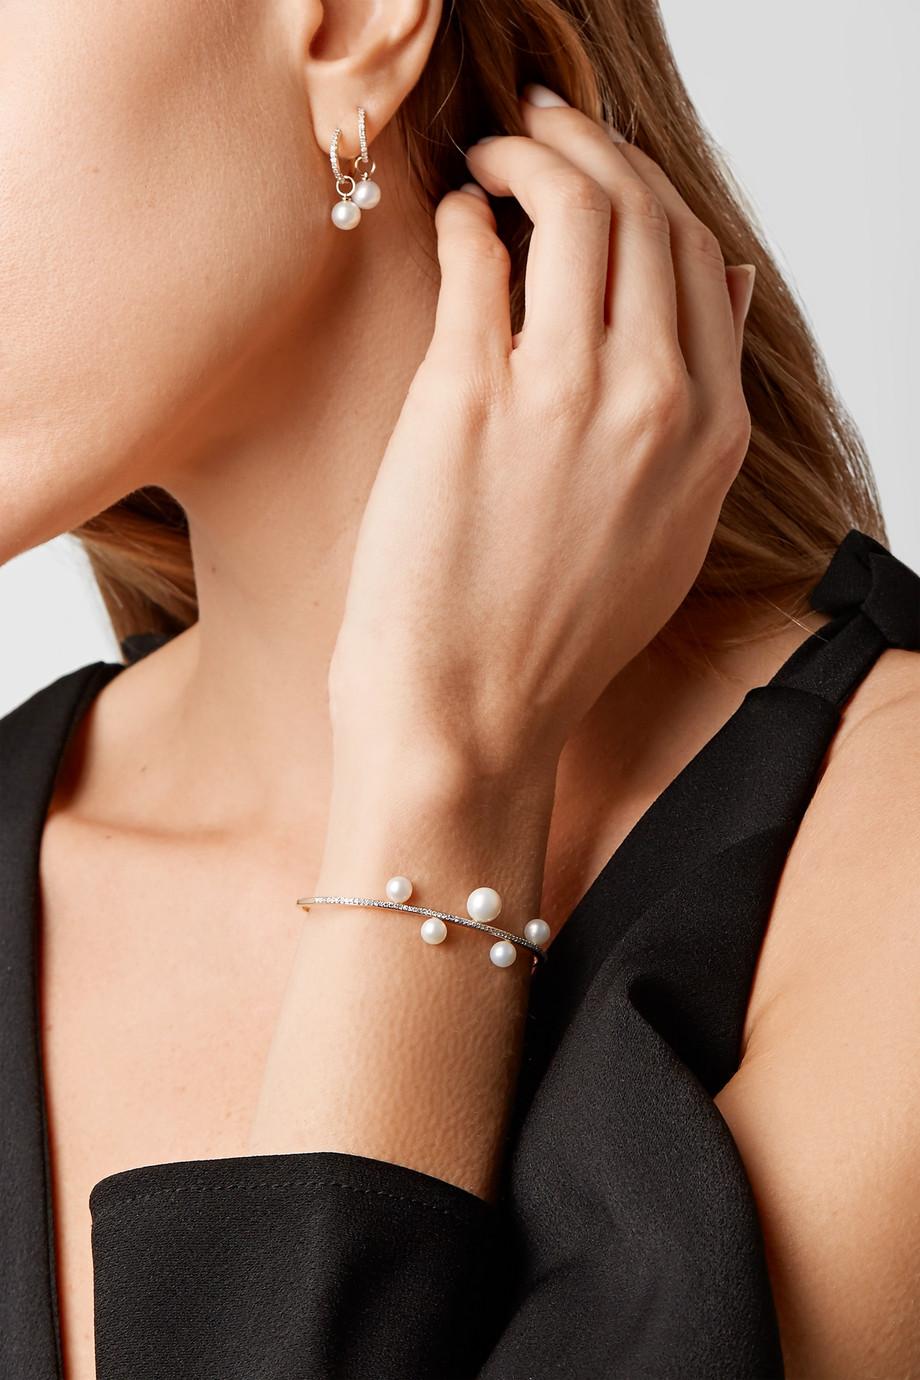 تسوقي مجوهرات اللؤلؤ لمواليد شهر يونيو